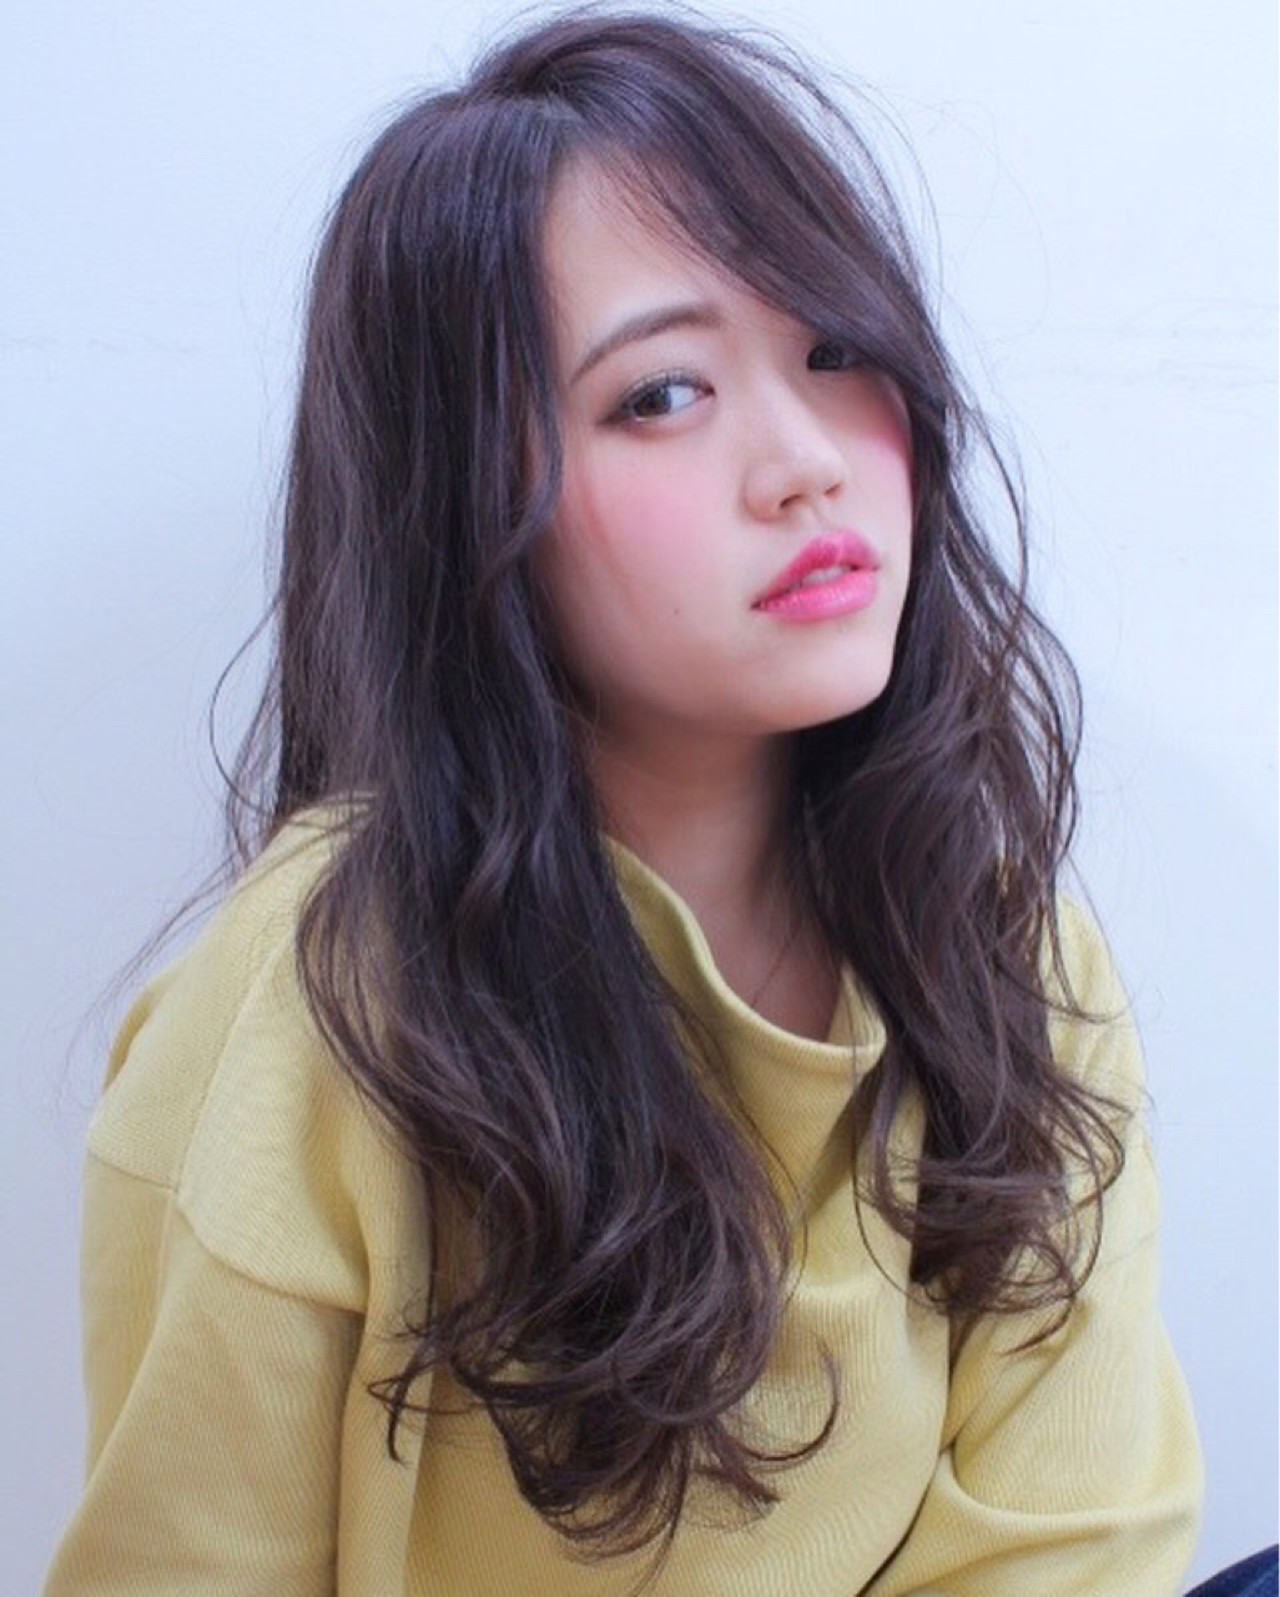 【レングス別】髪の動きを楽しめレイヤーカットで大人可愛いがつくれる♡ 海崎 剛史